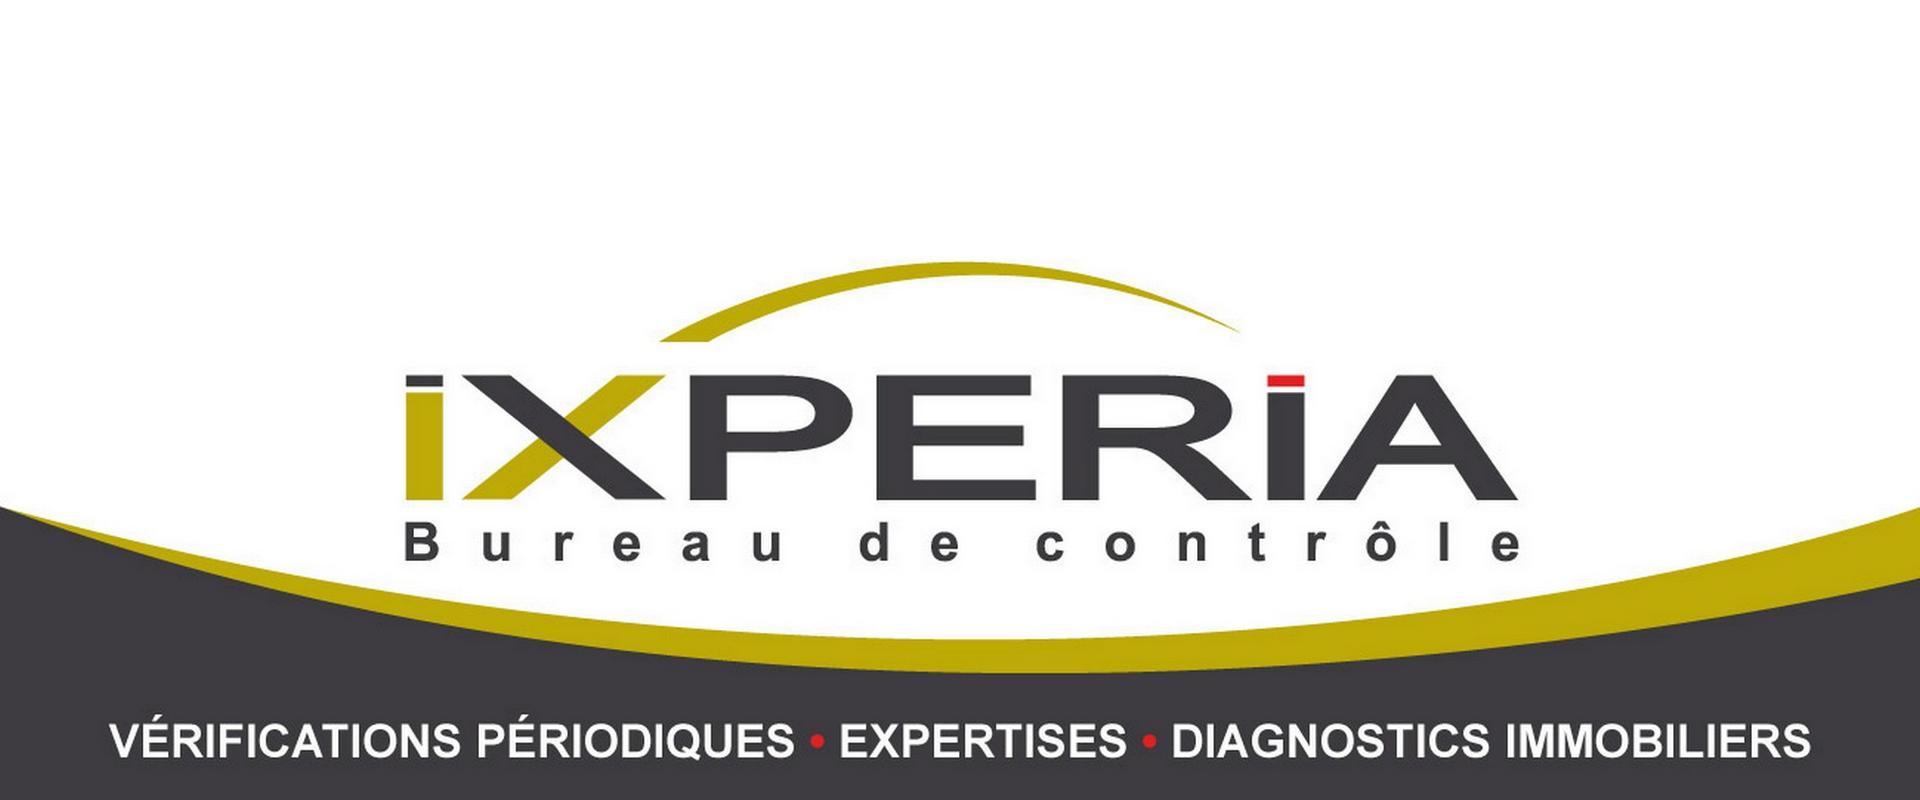 IXPERIA Bureau de contrôle